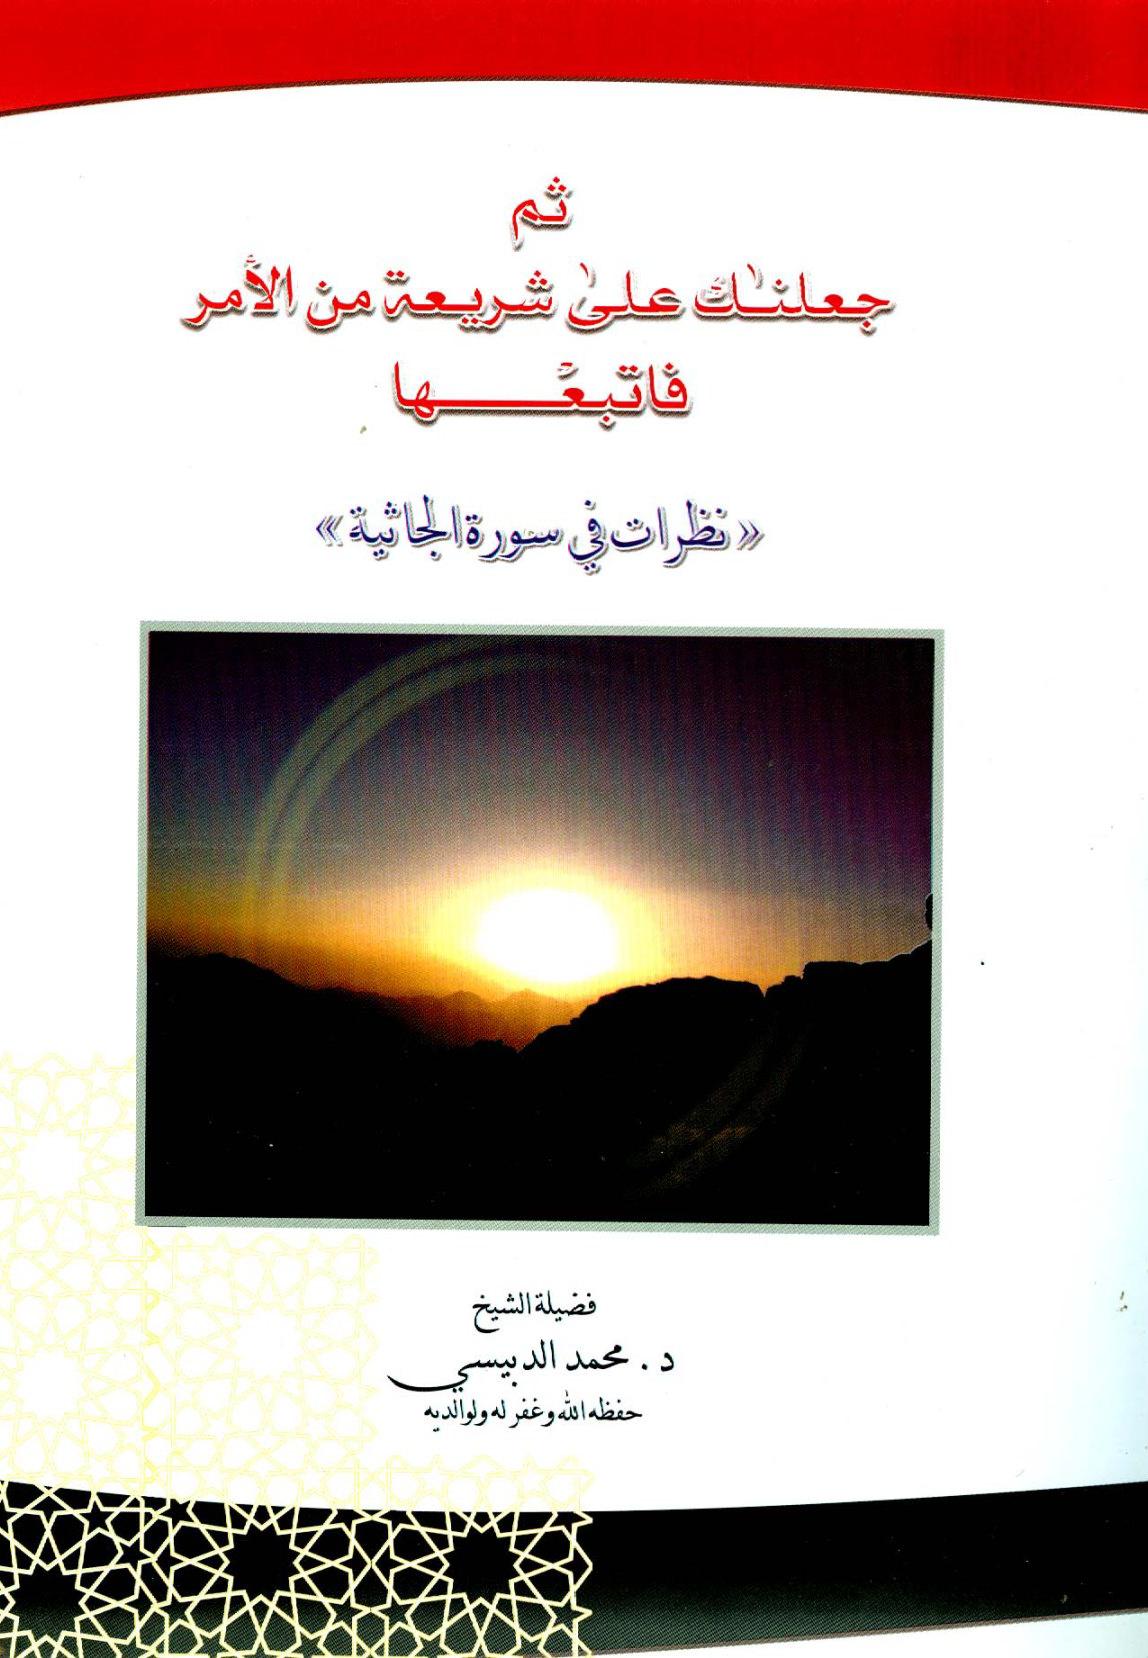 تحميل كتاب ثم جعلناك على شريعة من الأمر فاتبعها (نظرات في سورة الجاثية) لـِ: الدكتور محمد مصطفى عبد السلام الدبيسي